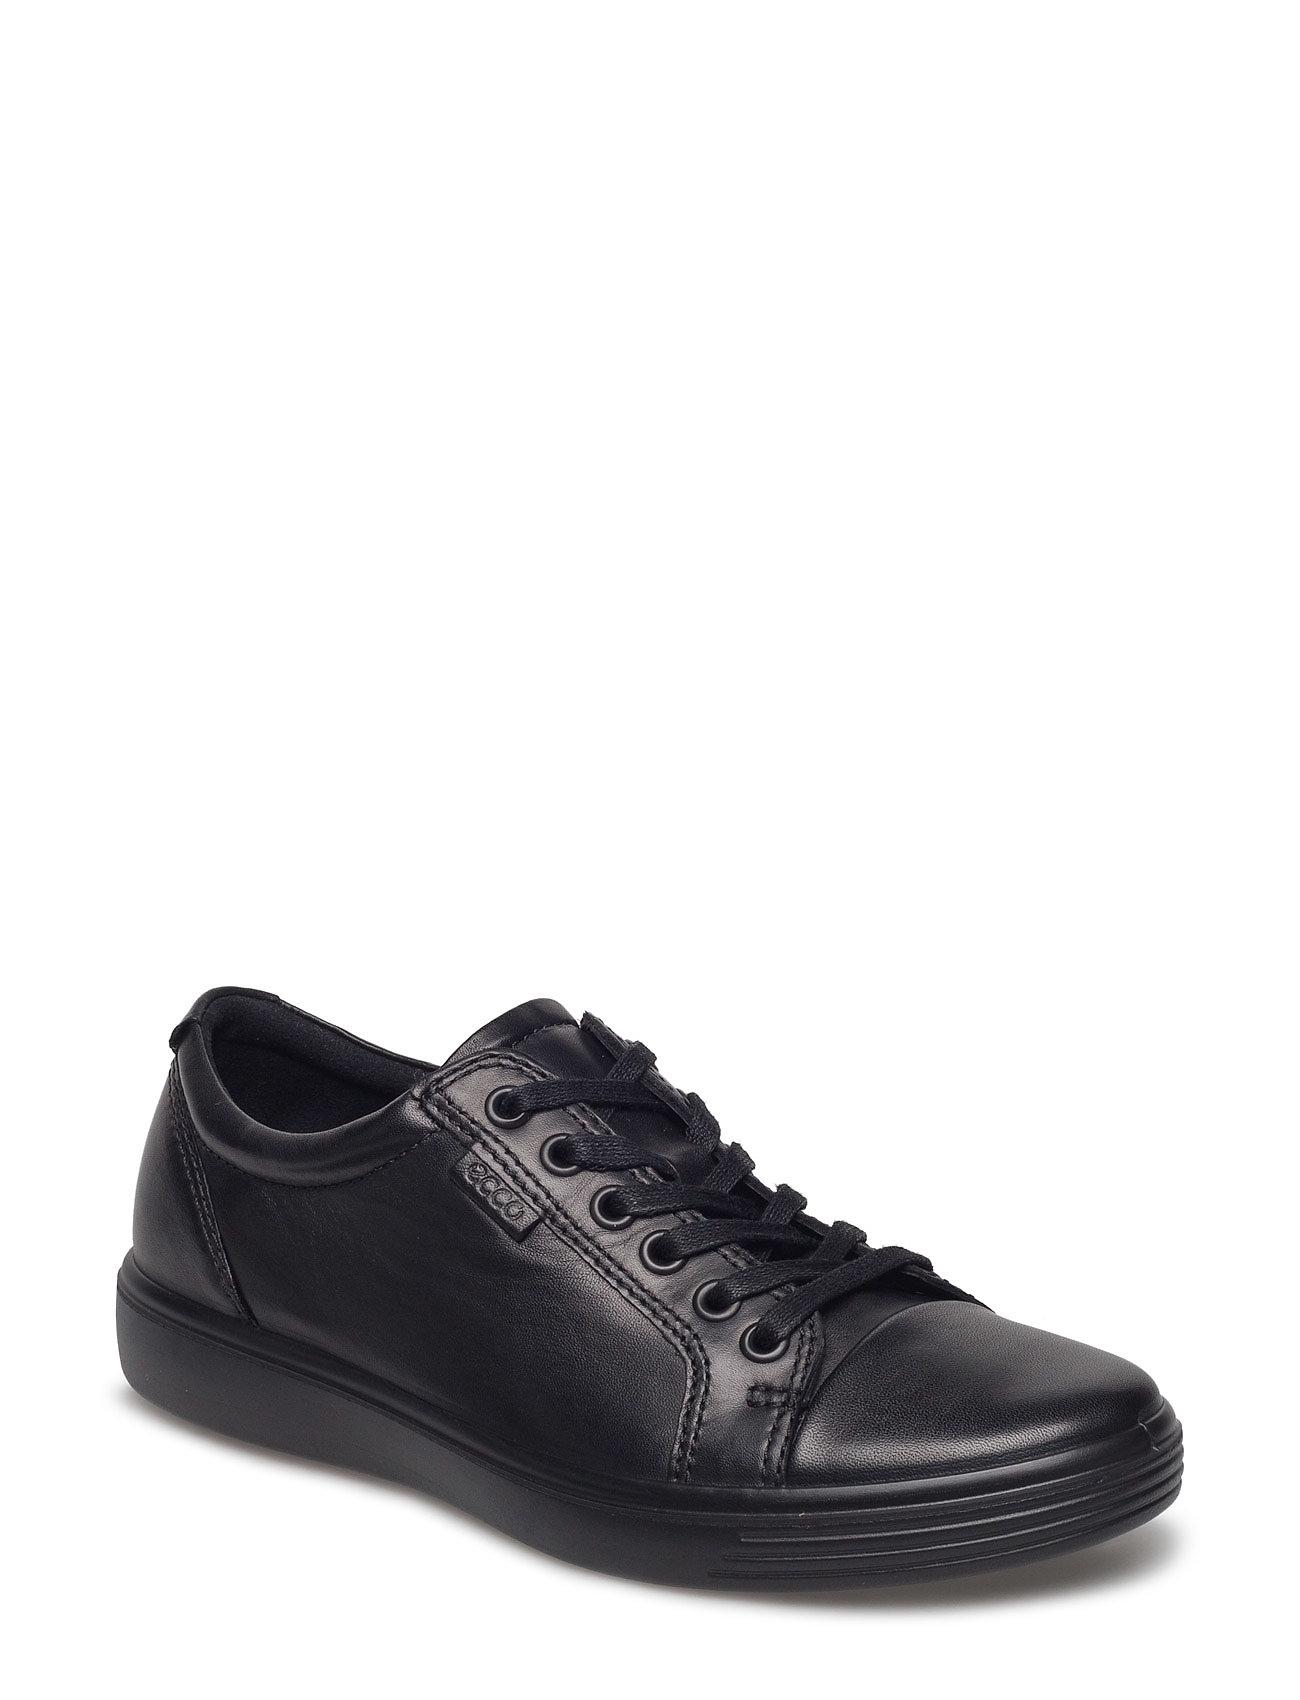 Image of S7 Teen Low-top Sneakers Sort ECCO (3488462287)